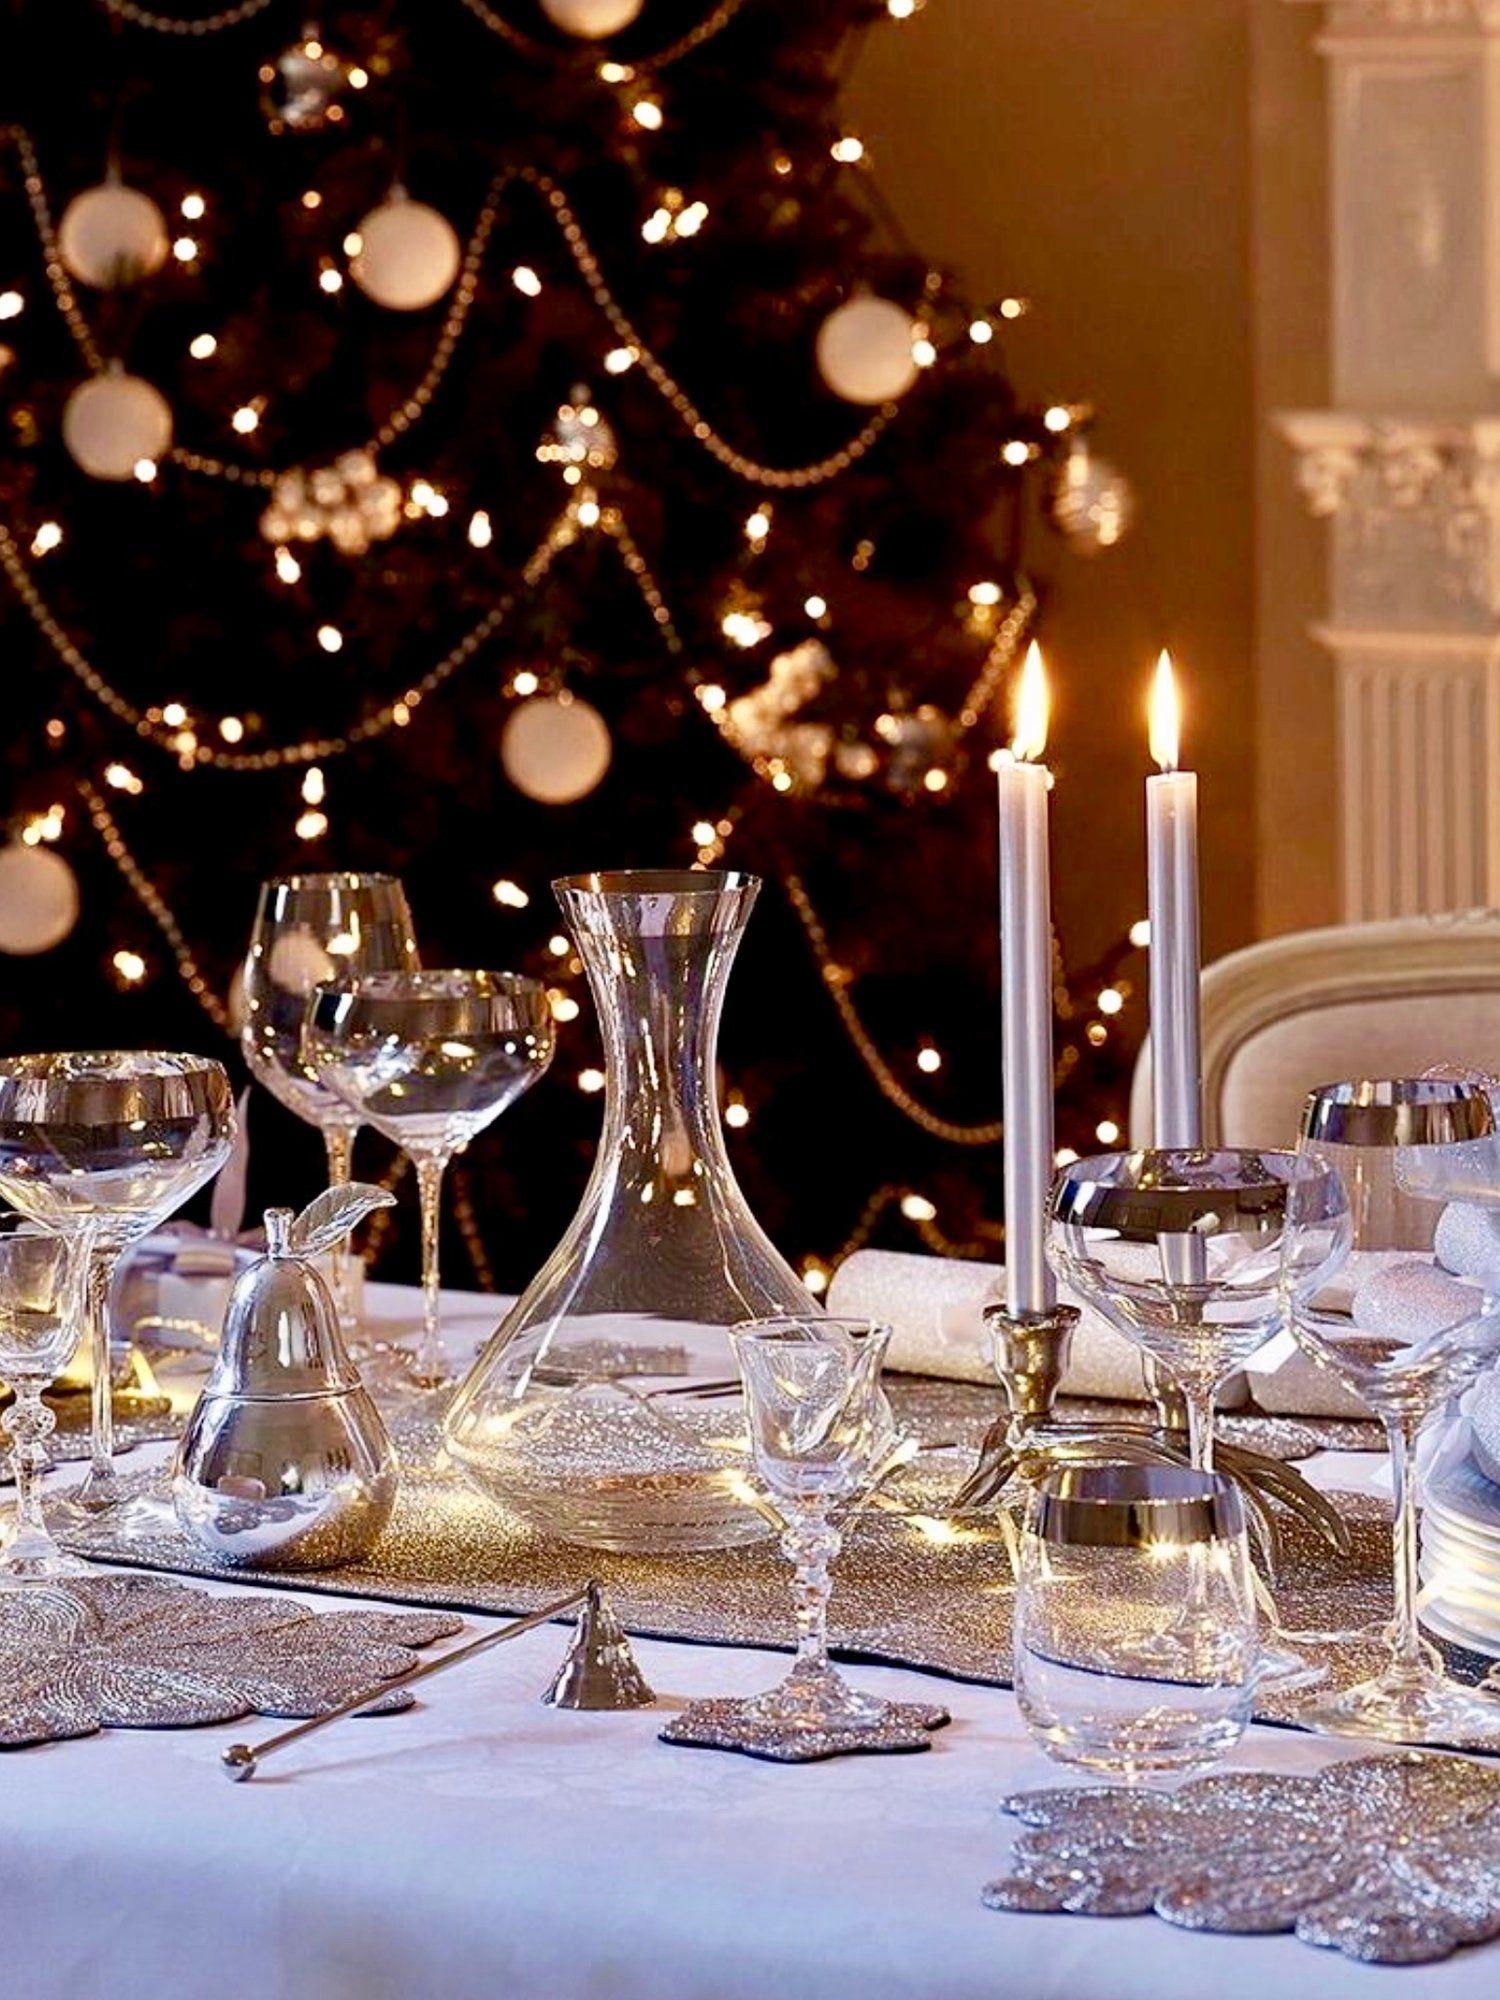 Christmas Tree Top Christmas Table Decorations